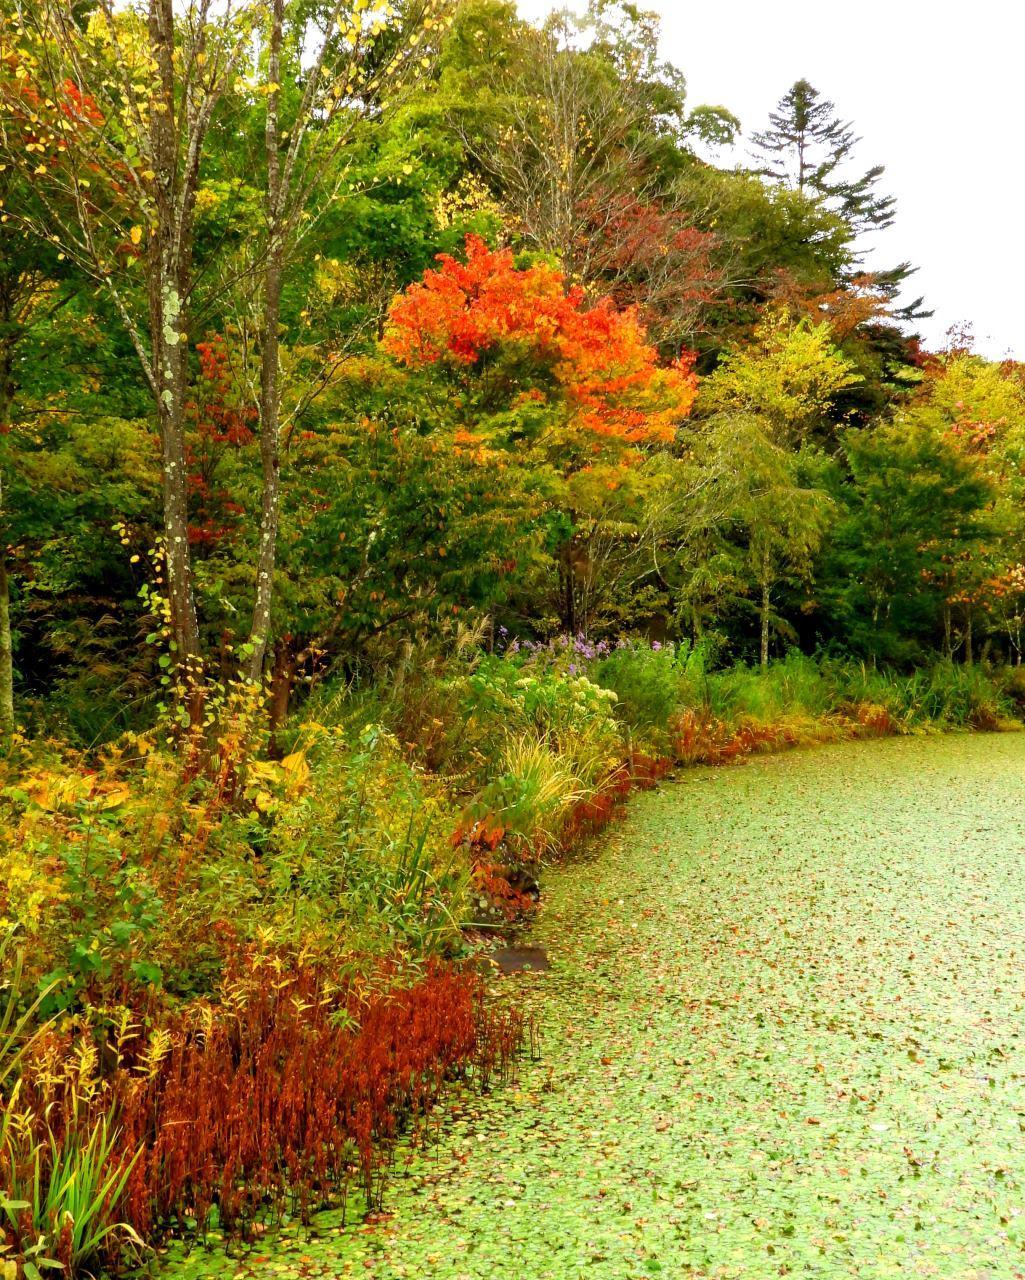 軽井沢レイクガーデンから 深まる秋を_c0305565_17352023.jpg